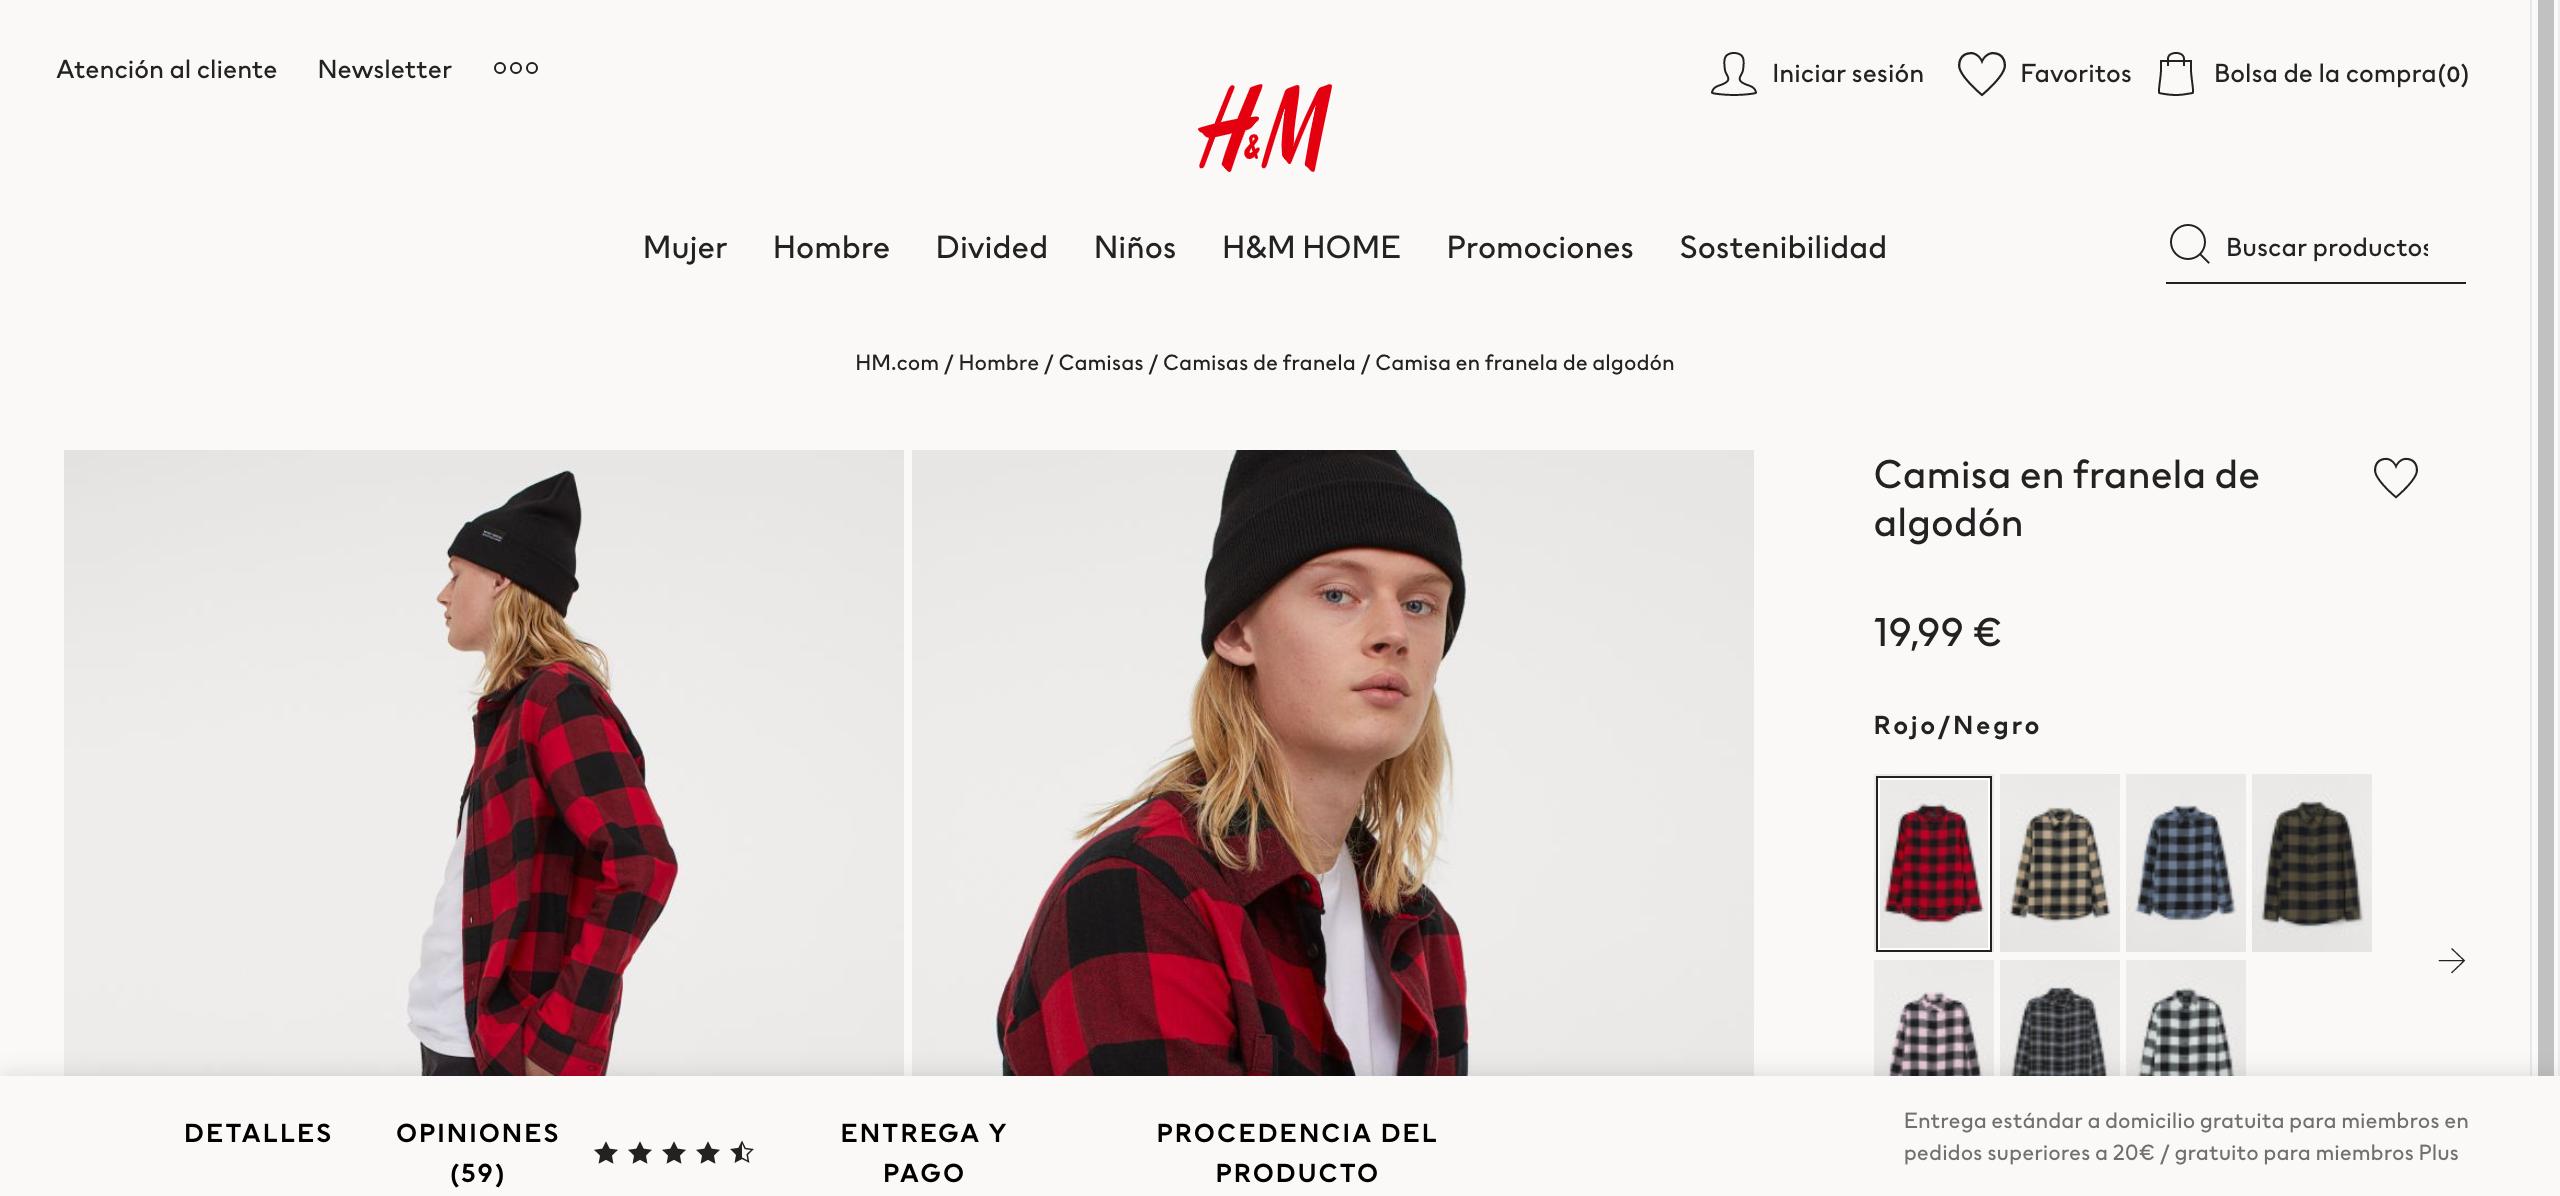 pagina de detalle de producto, hym, ux, usabilidad, ecommerce,